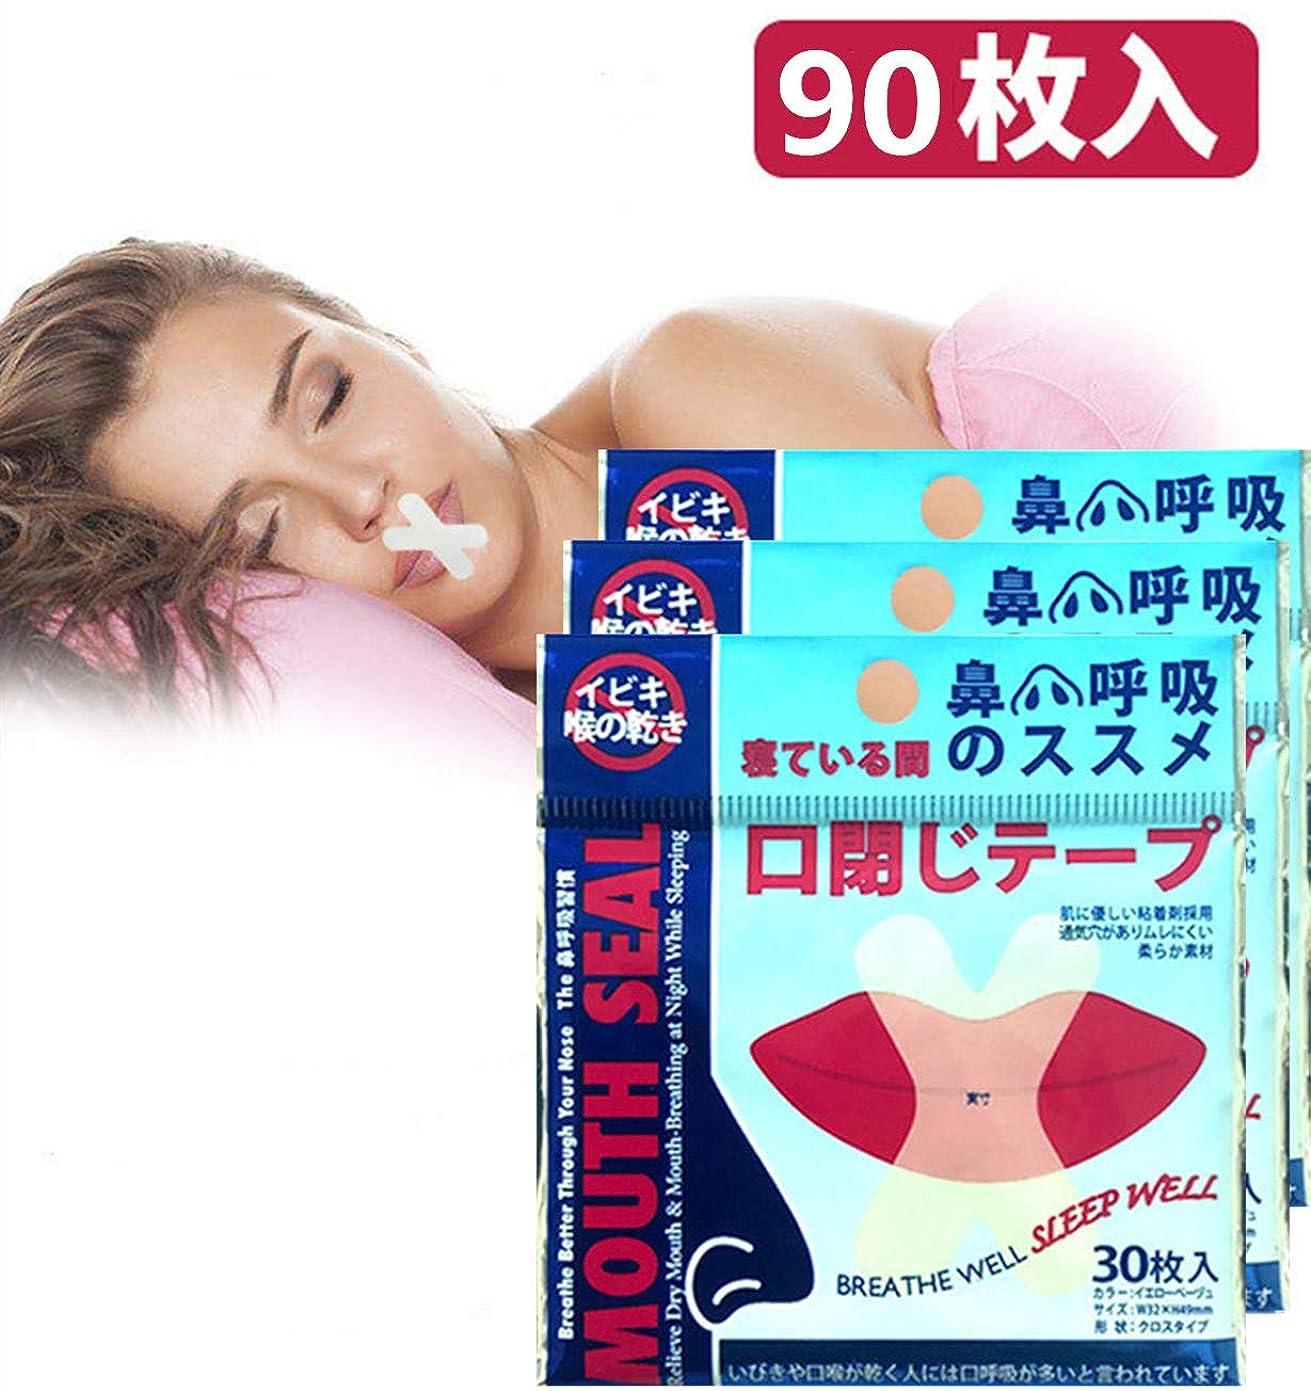 読書扇動する行進いびき防止グッズ 口呼吸防止テープ 口閉じるテープ 鼻呼吸テープ 口 テープ いびき シール 睡眠テープ いびき軽減グッズ鼻呼吸促進 口閉じテープ 3個セット 90日分(30枚入り×3)